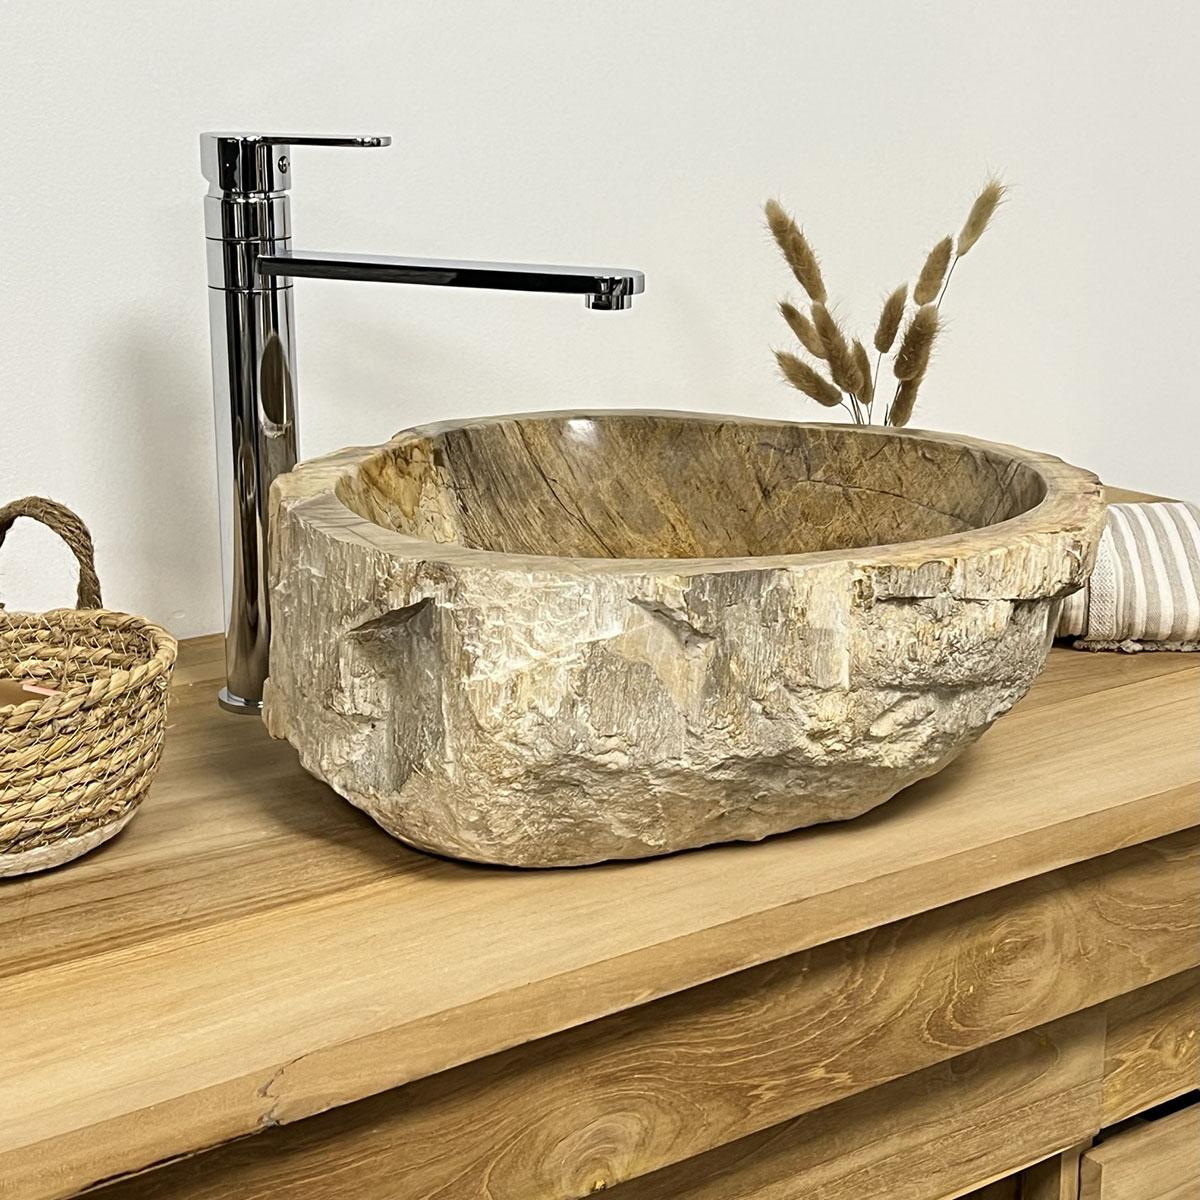 Vasque de salle de bain poser en bois p trifi 60 cm - Vasque salle de bain bois ...